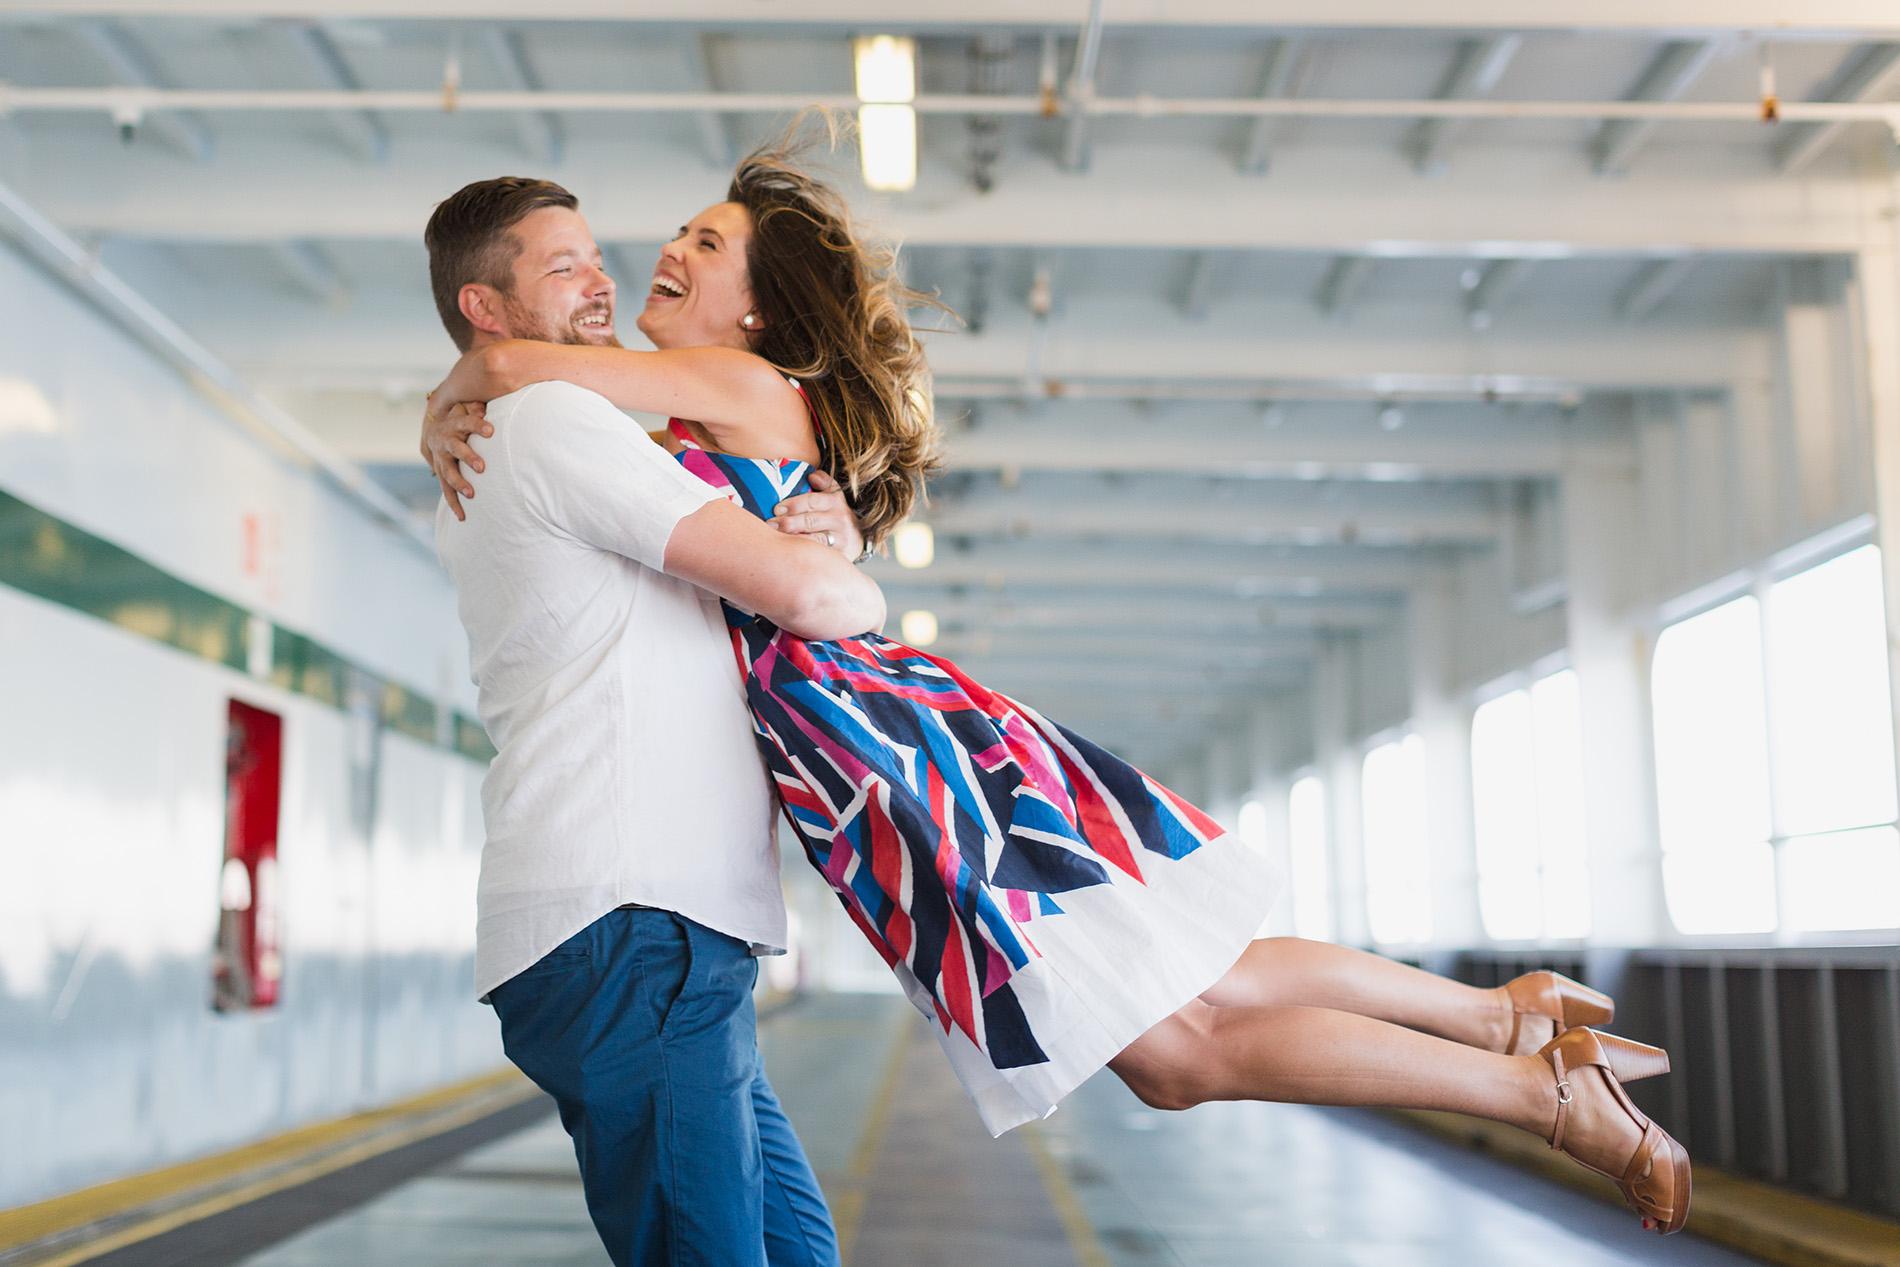 San Diego Couples Photographer Christine Dammann Photography 2.jpg